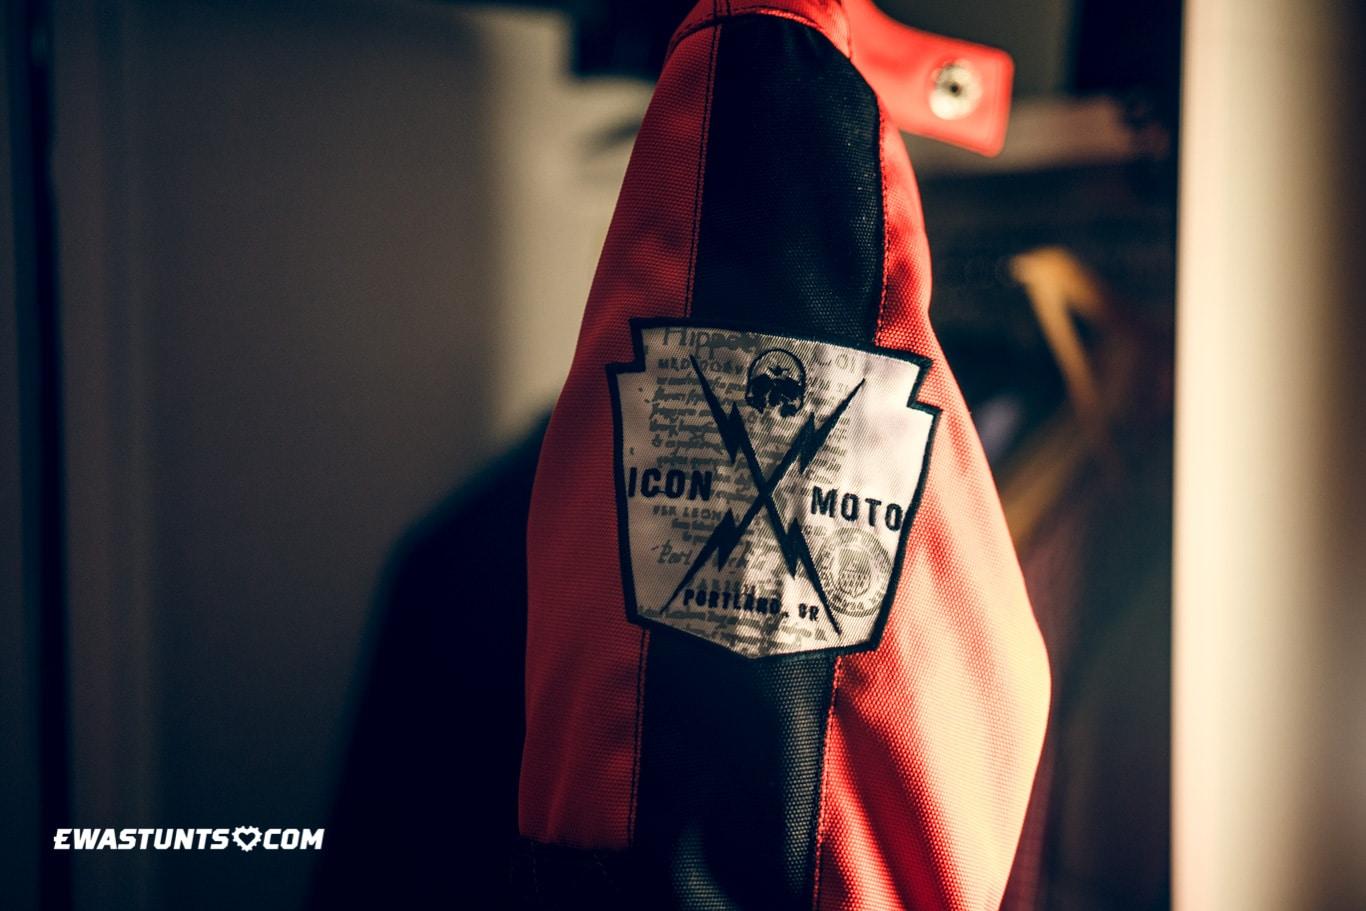 ewastunts_icon_jacket-13